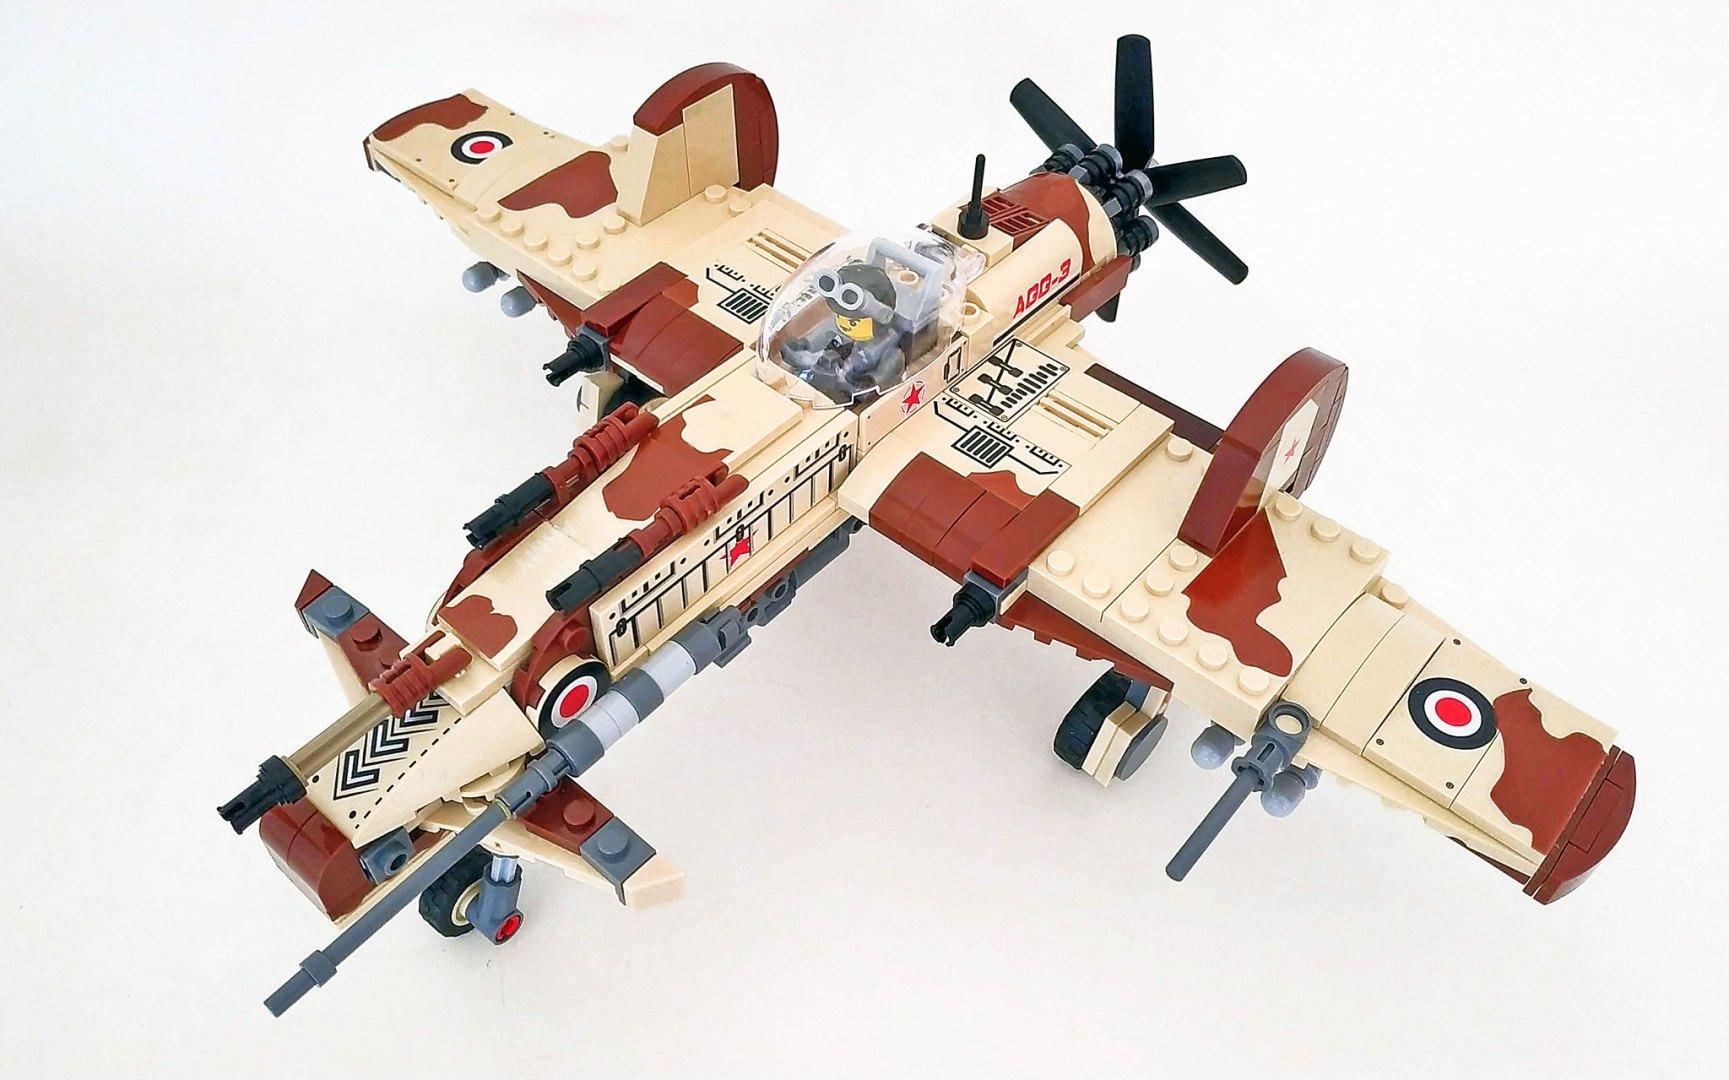 Quelle: flickr - John C. Lamarck - AGG 3 plane